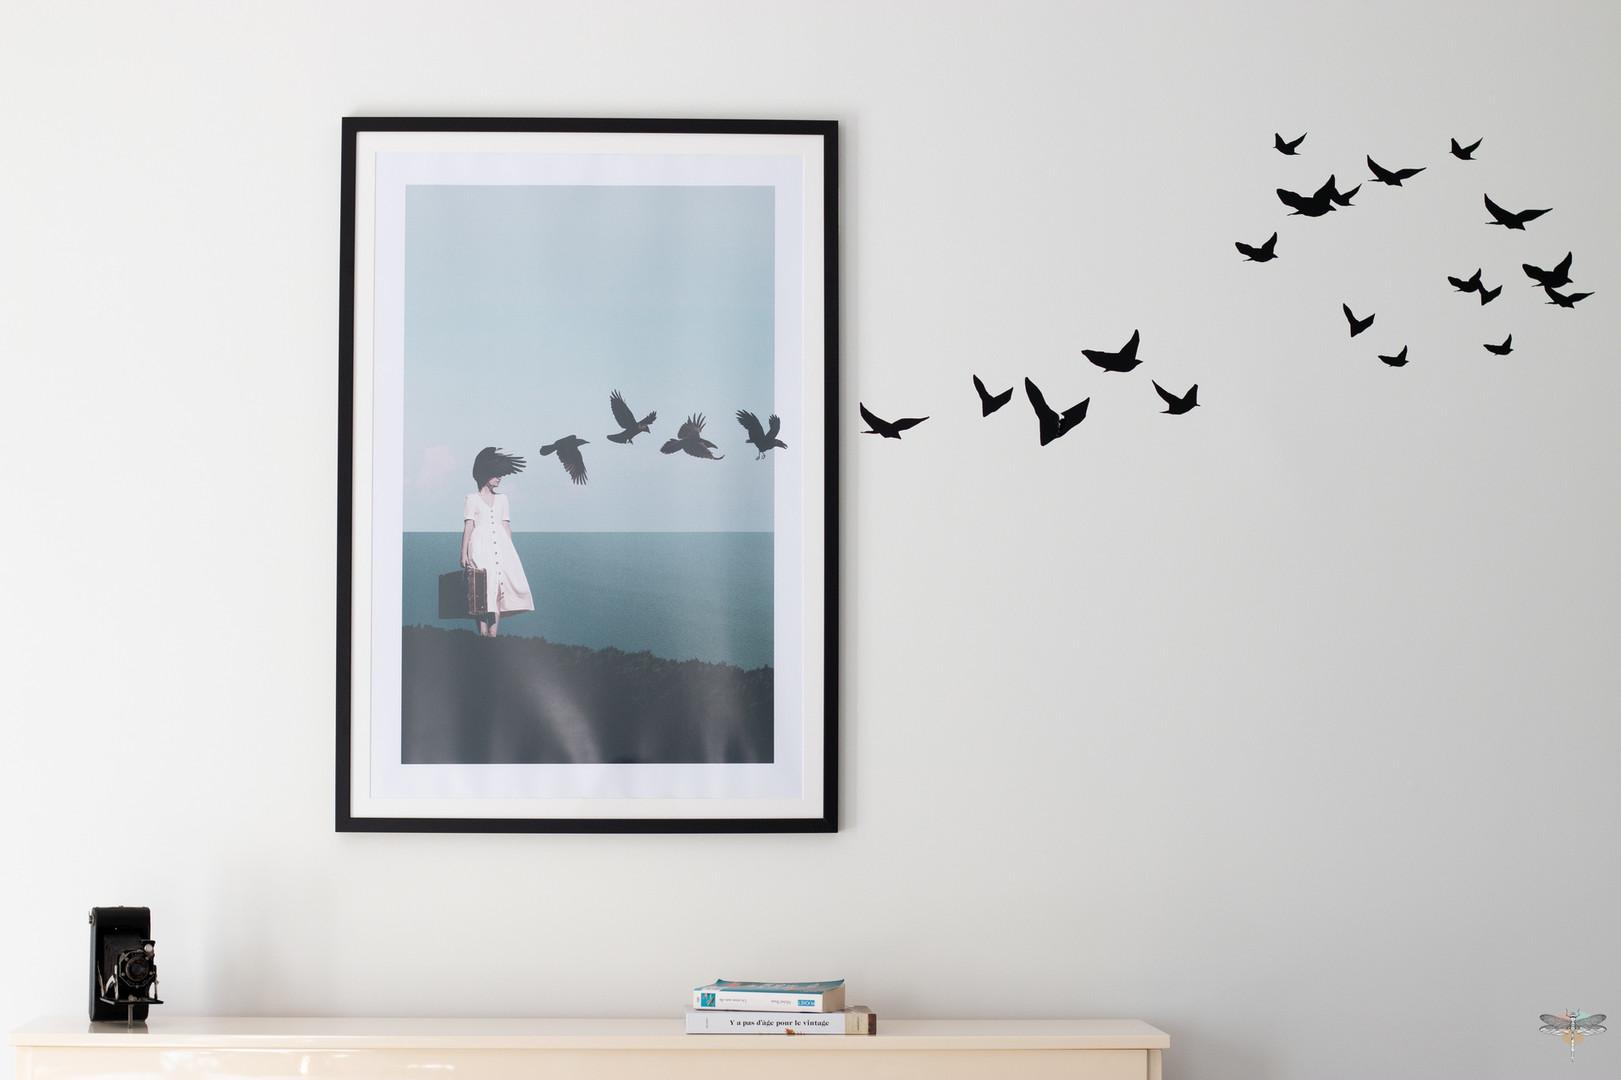 Décoration d'une pièce de vie chic et poétique à Compiègne par Carnets Libellule. Coralie Vasseur est votre Décoratrice d'intérieur UFDI dans l'Oise : Détail sur le tableau aux oiseaux qui sortent du cadre, avec sticker de Mel et Kio, Poetic Wall